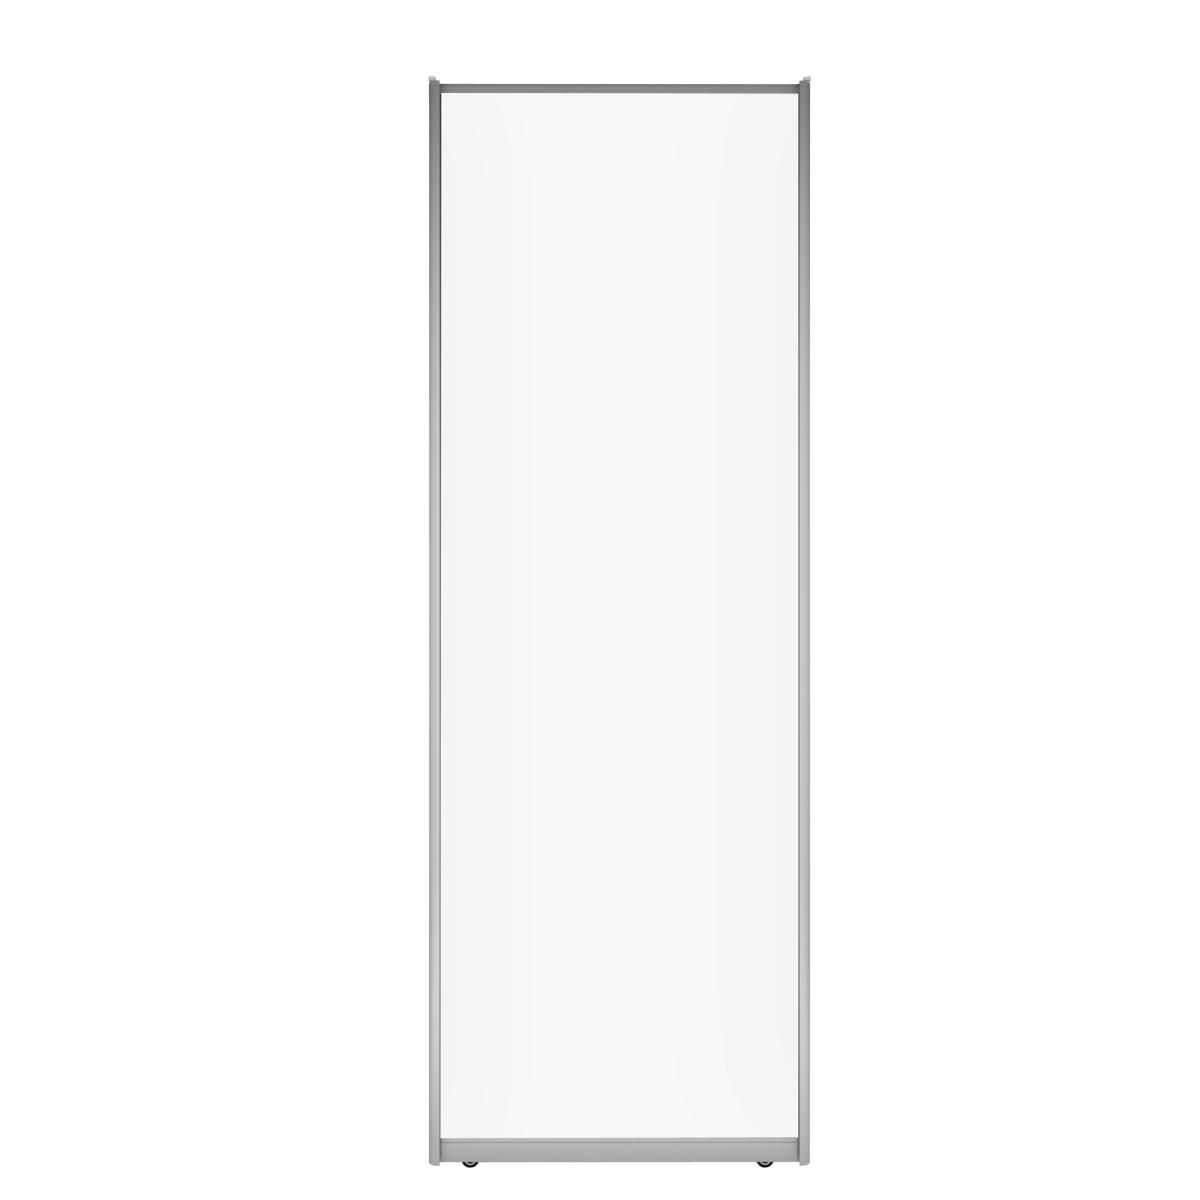 Дверь-купе Spaceo 2255х704 мм ЛДСП цвет белый/серебро